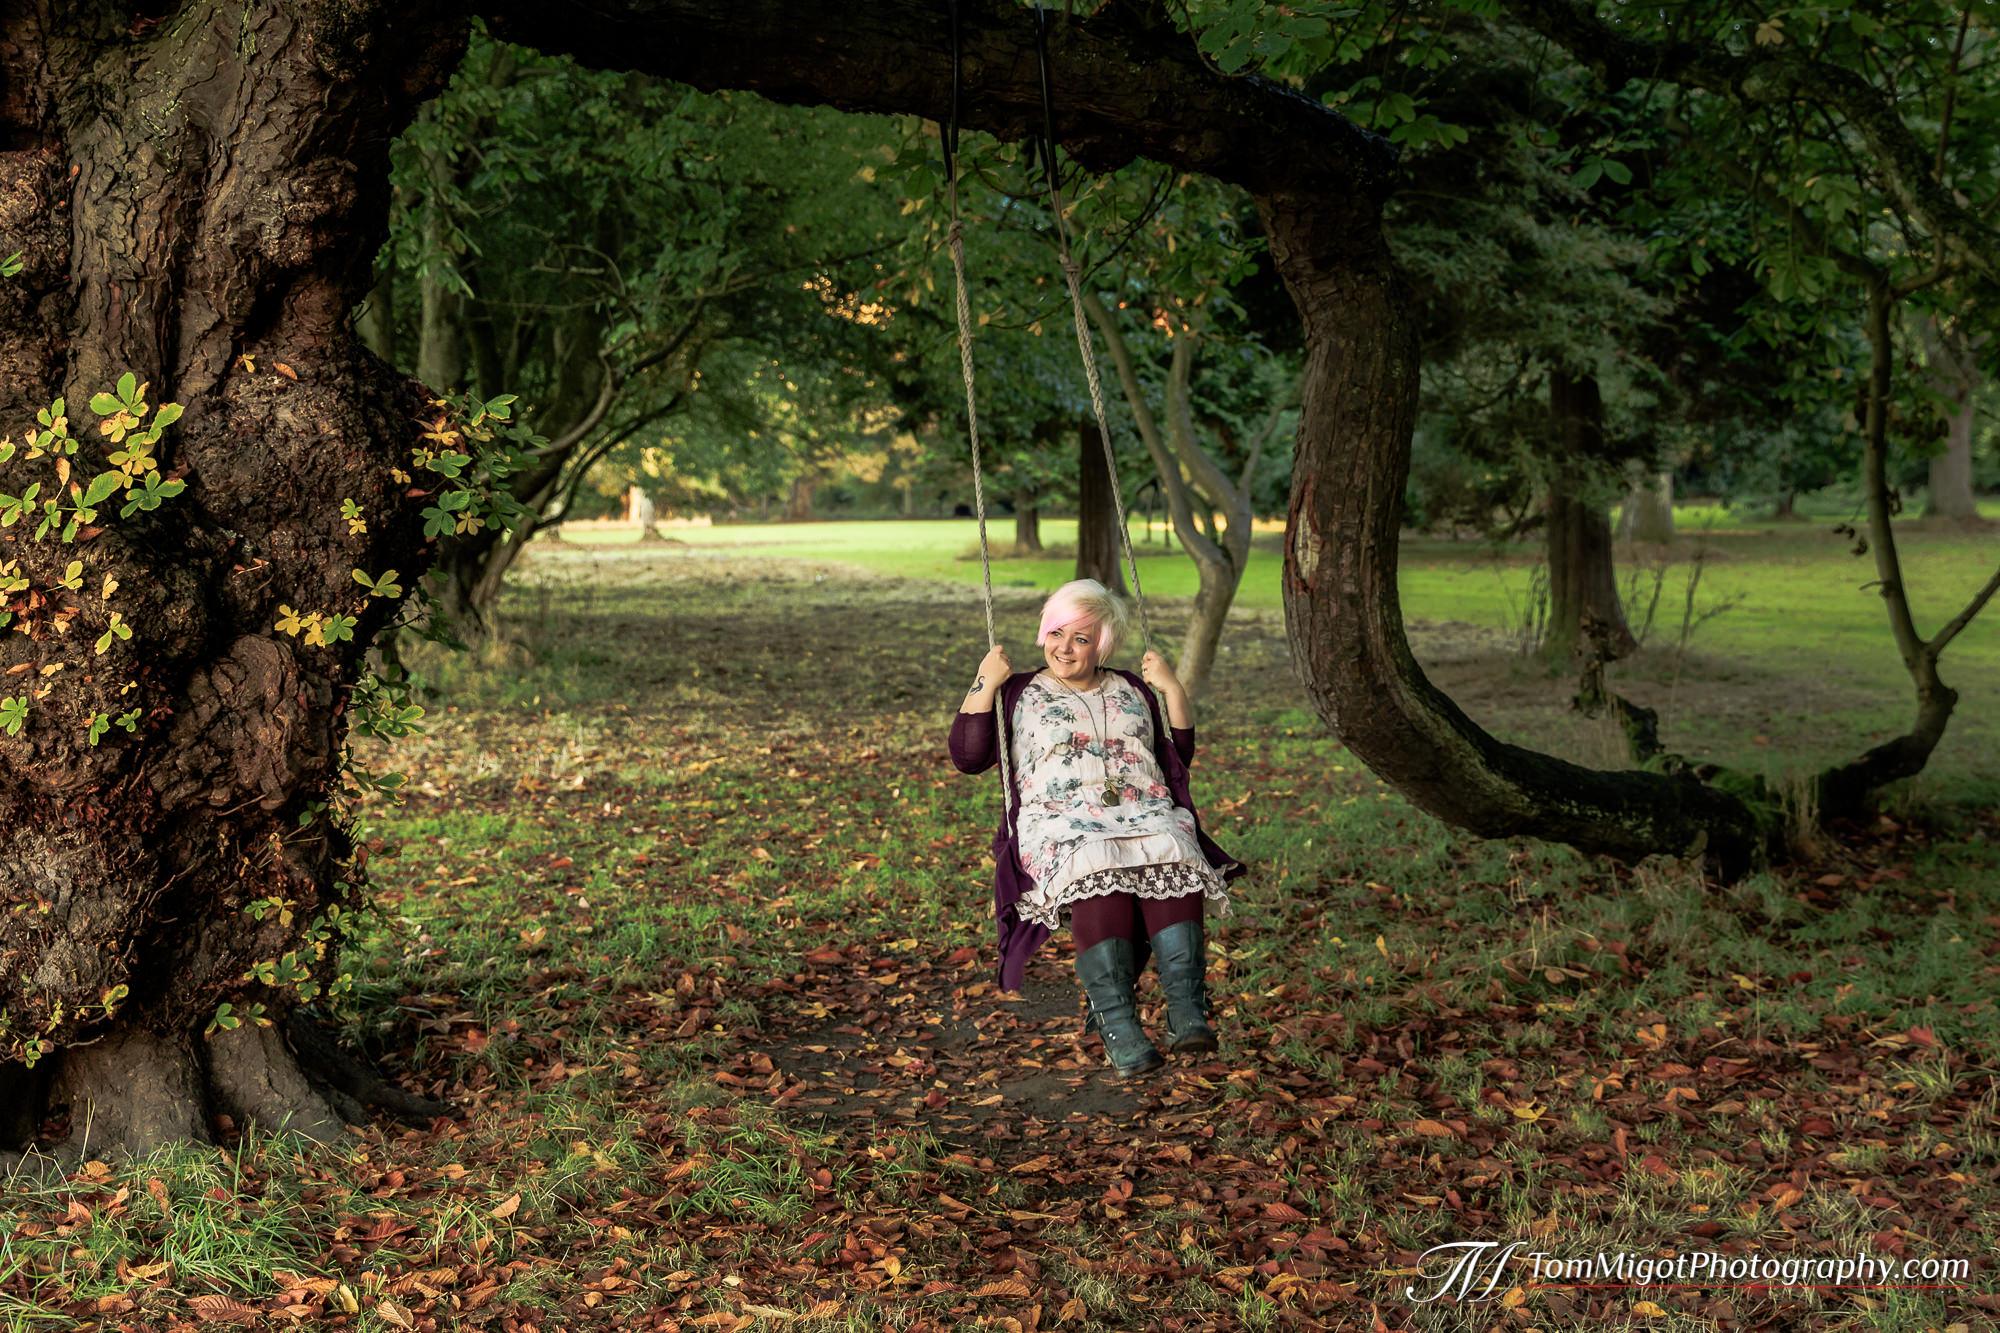 La future mariée sur une balançoire dans les bois pendant la séance photo d'avant mariage